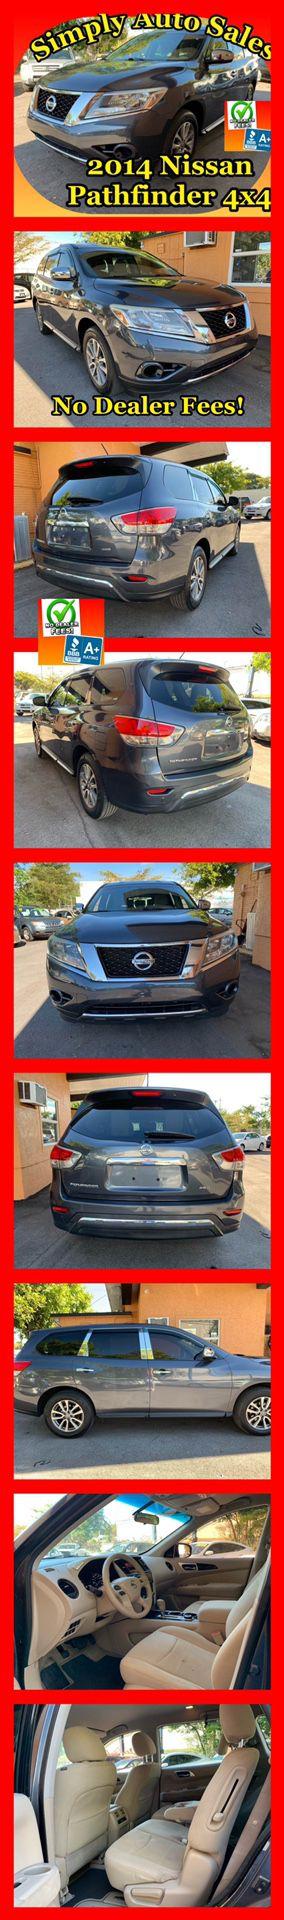 2014 Nissan Pathfinder 4x4 for Sale in Palm Beach Gardens, FL